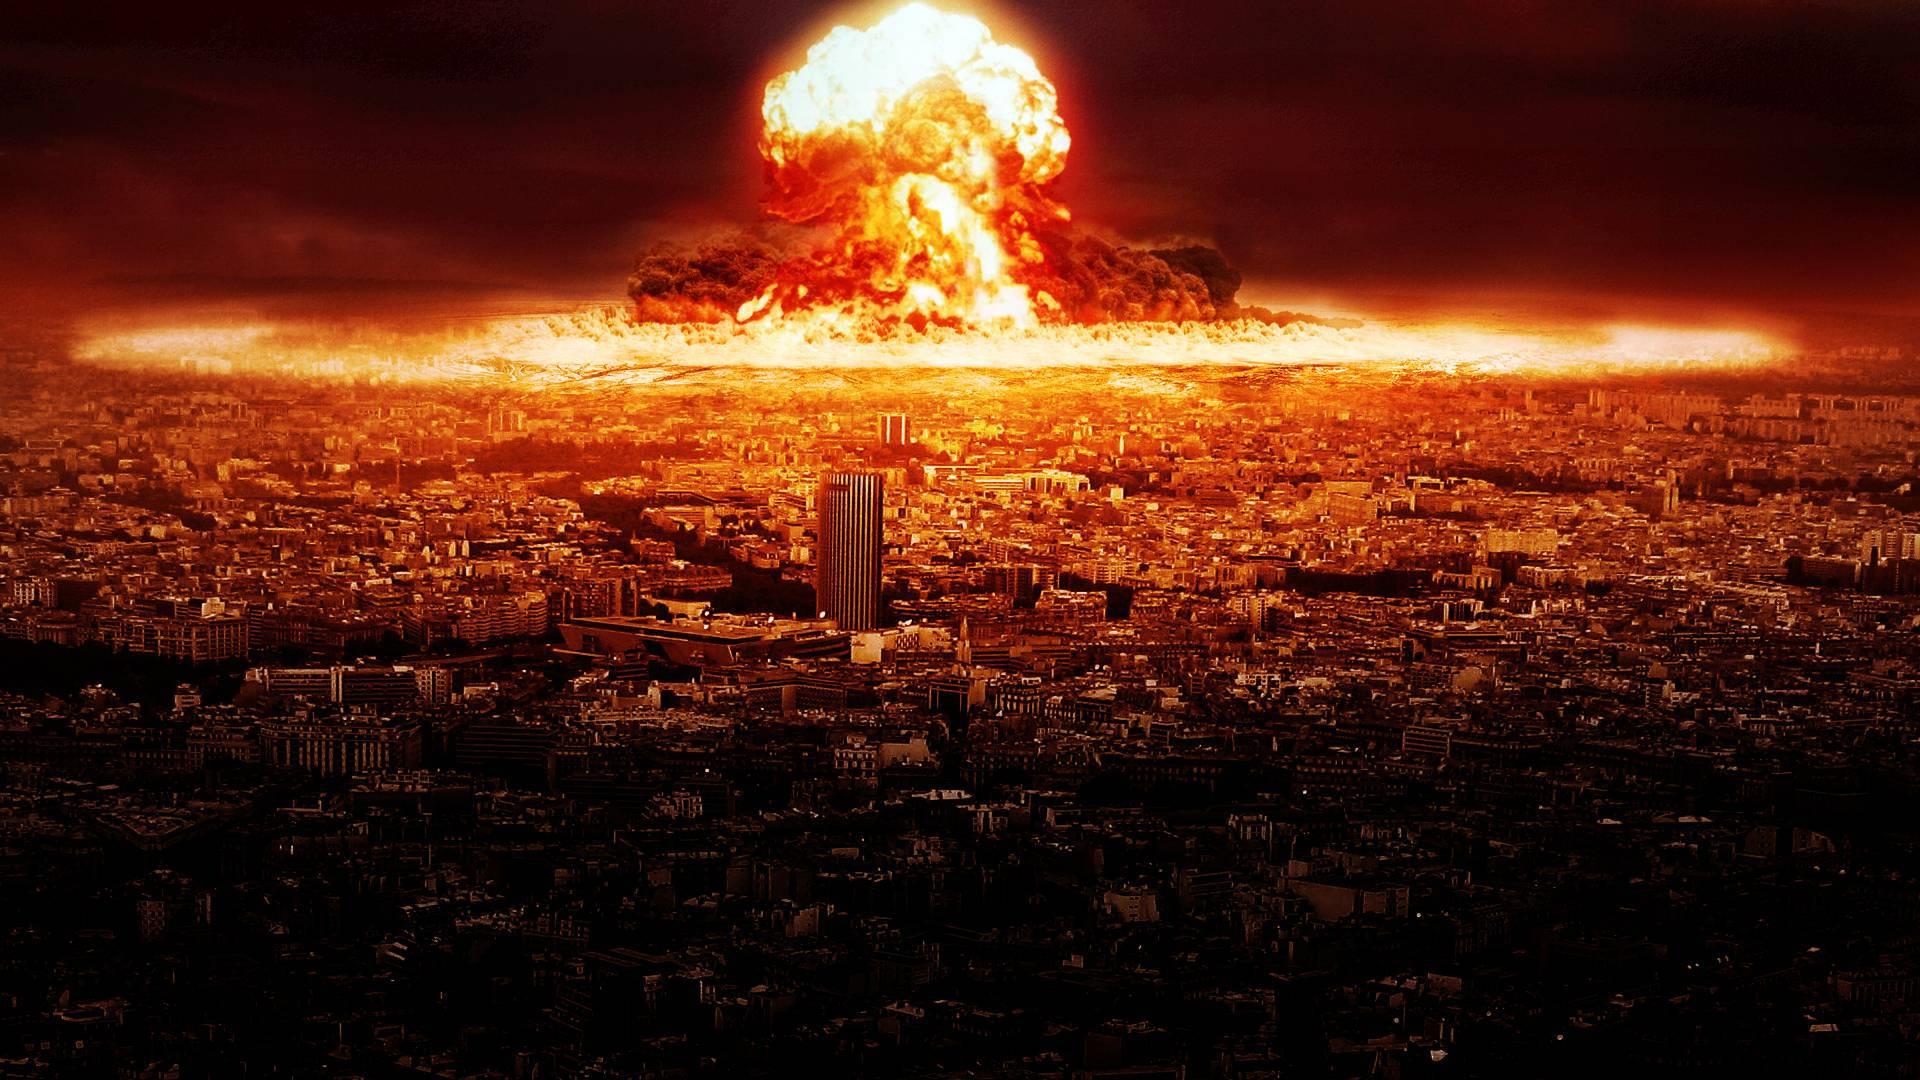 خبير أمريكي يتنبأ بأماكن احتمال اندلاع الحرب العالمية الثالثة .. تفاصيل